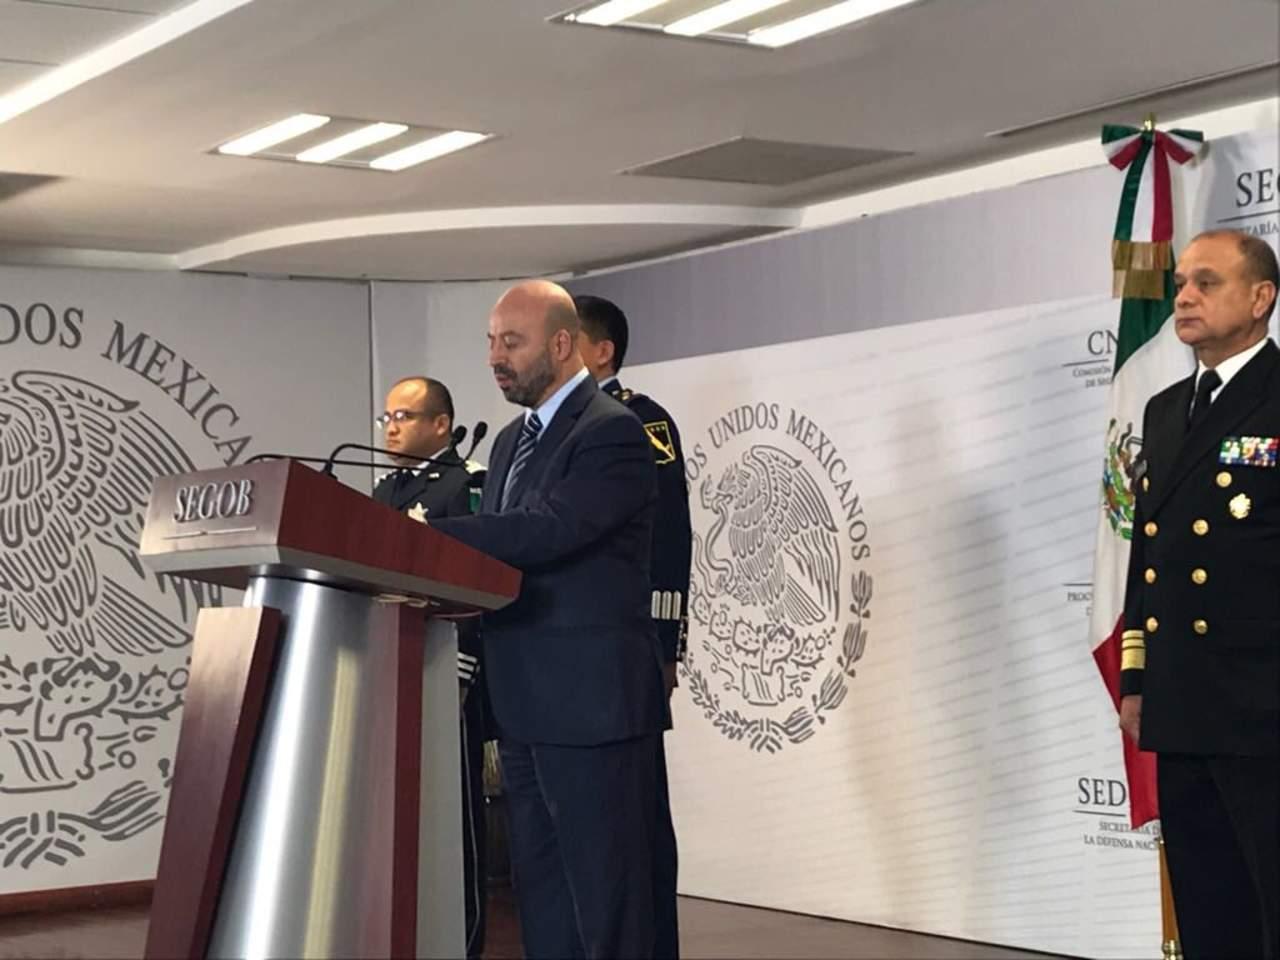 Confirman detención de capo, objetivo prioritario del Gobierno federal